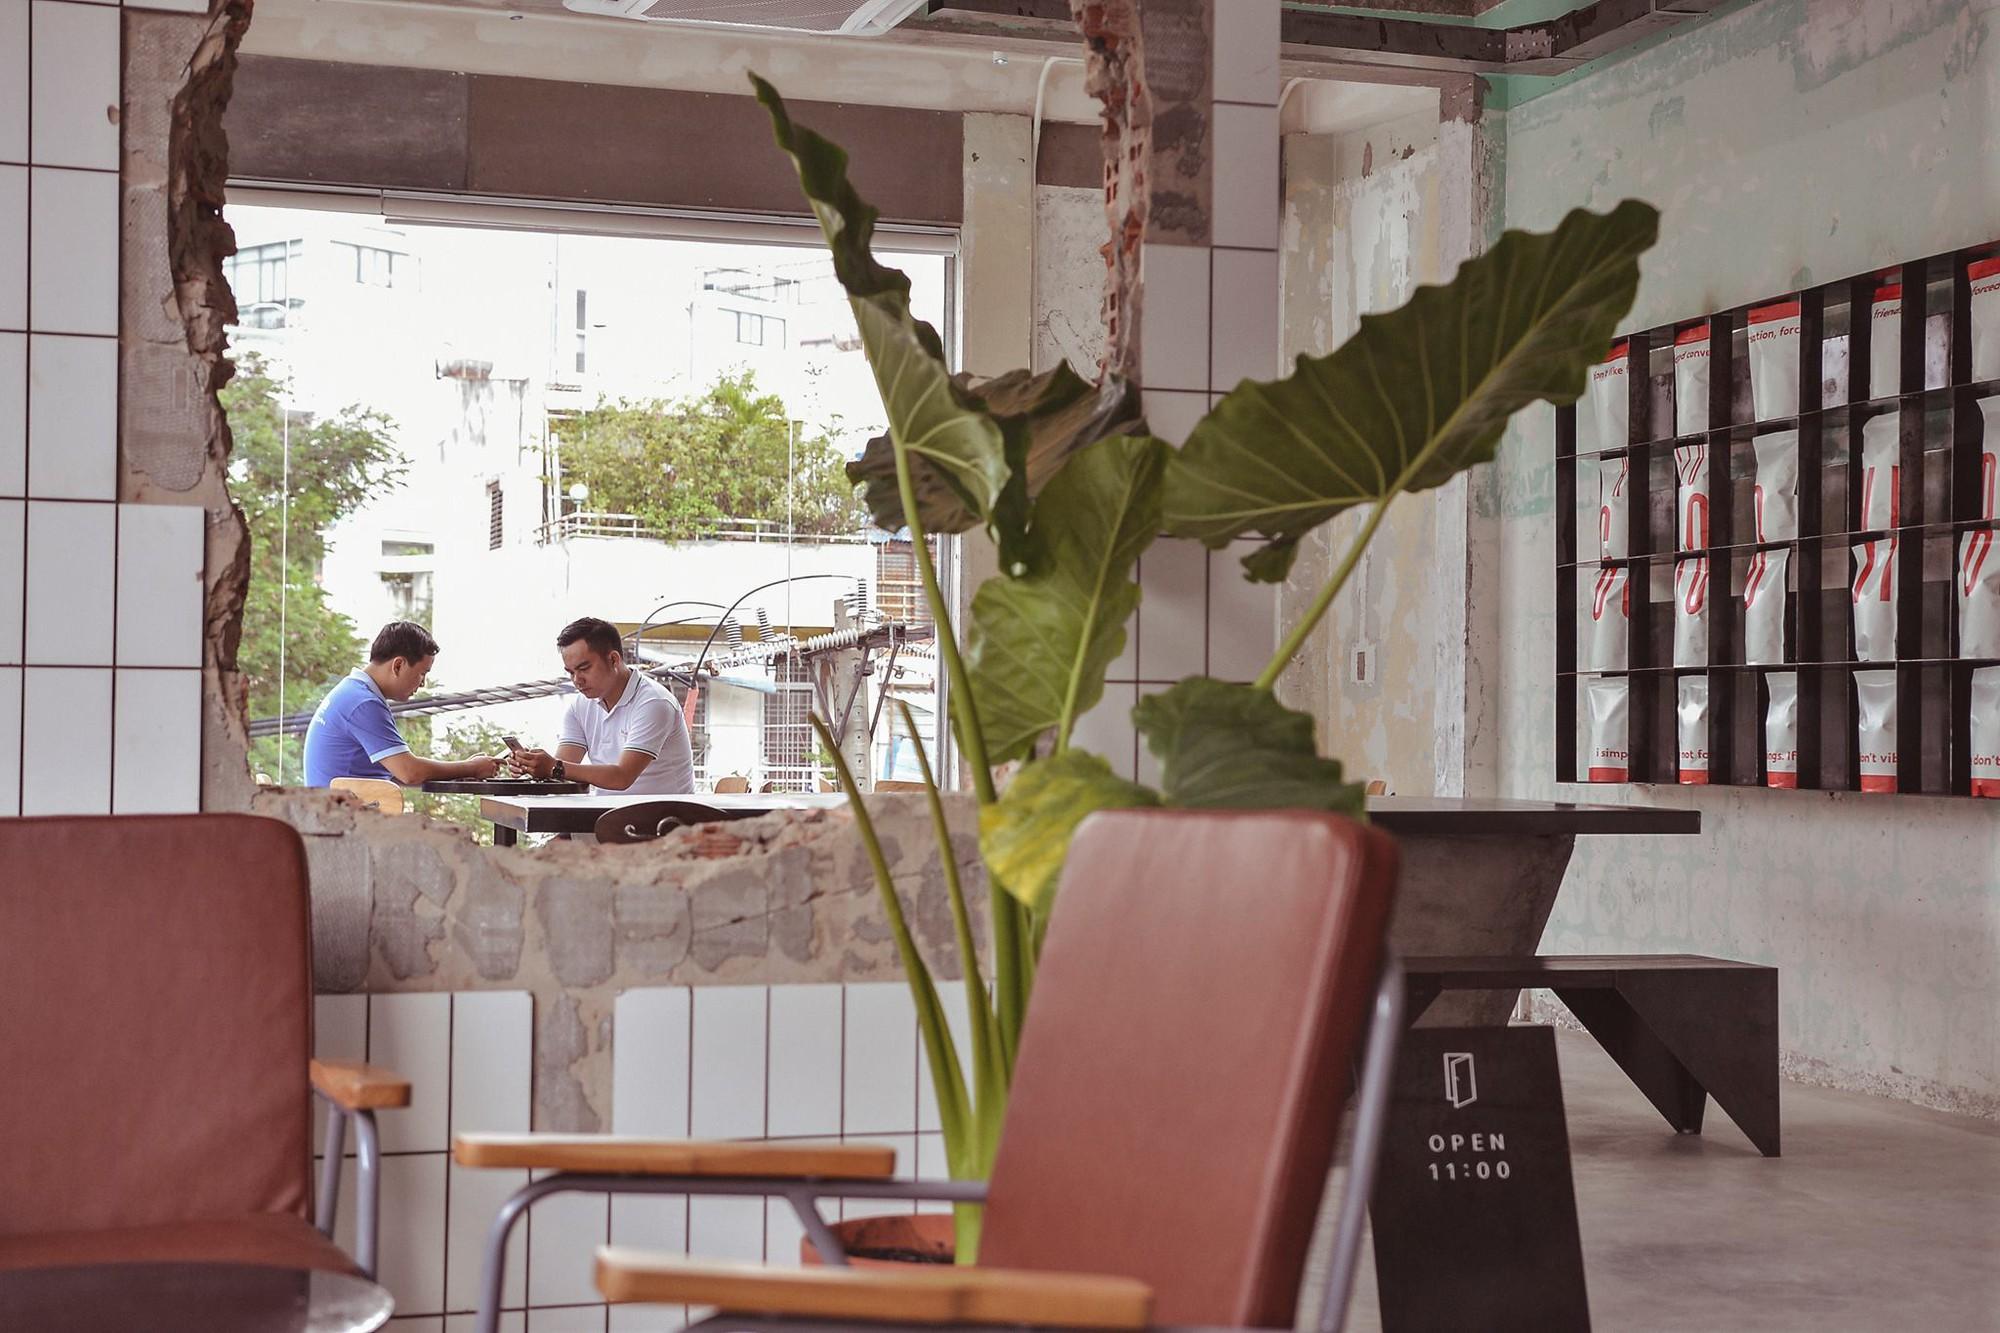 Âm thầm nhưng mạnh mẽ, những chuỗi cà phê made in Việt Nam này đang được giới trẻ Sài Gòn cực kì yêu thích! - Ảnh 9.